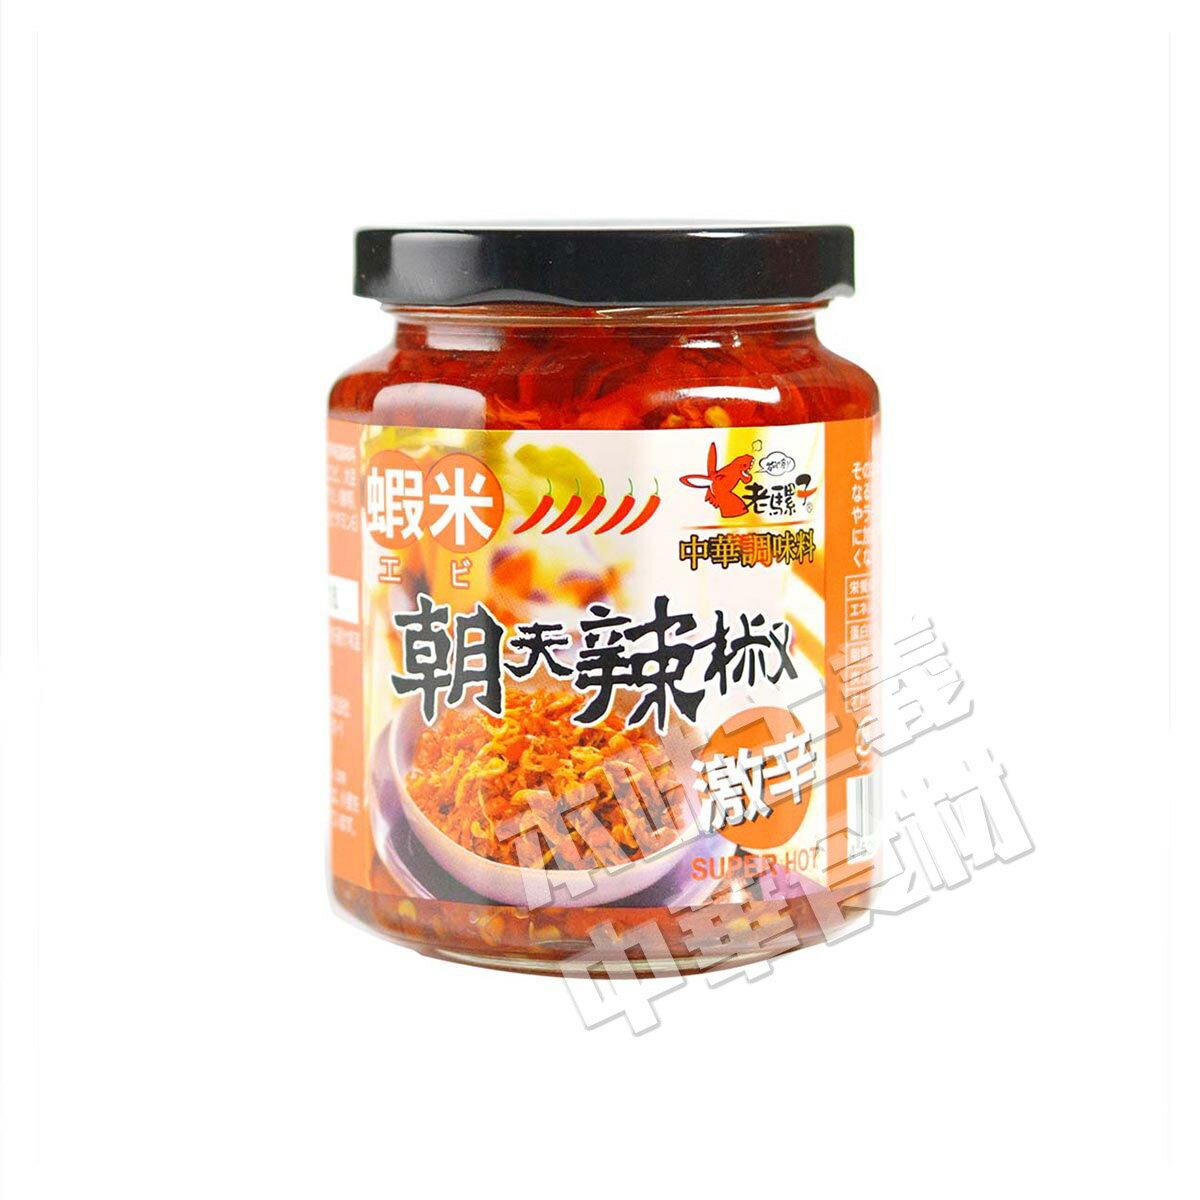 老騾子牌朝天系列蝦米朝天辣椒(えび入り激辛調味料) ご飯がすすむ中華料理人気商品・中華食材・台湾名産